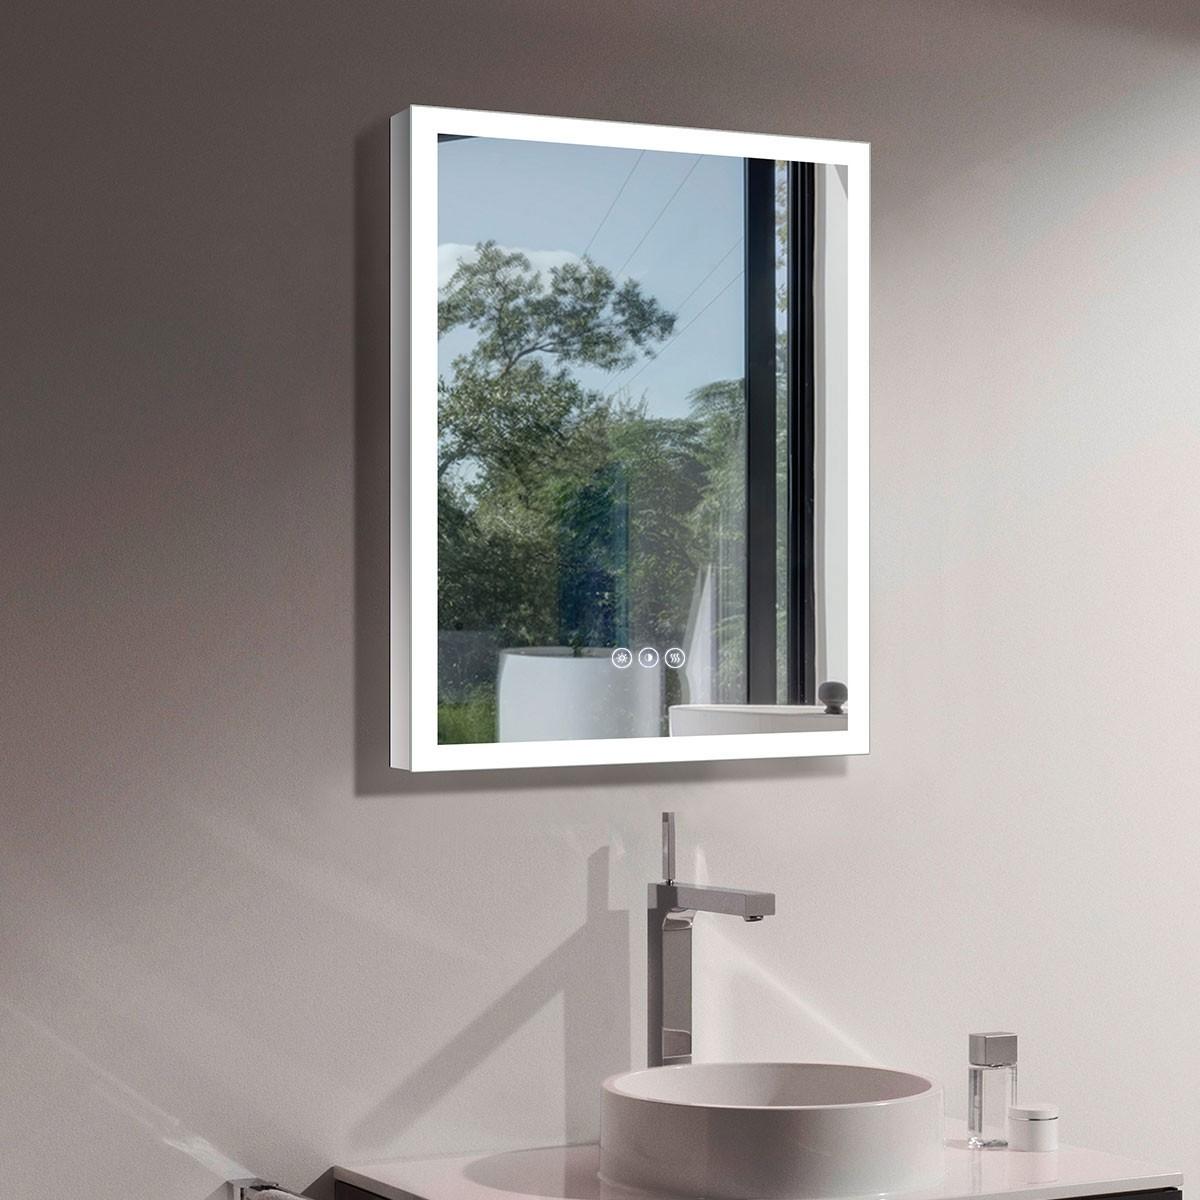 DECORAPORT 24 x 32 Po Miroir de Salle de Bain LED/Miroir Chambre avec Bouton Tactile, Anti-Buée, Luminosité Réglable, Blanc Froid & Chaud (D123-2432B)